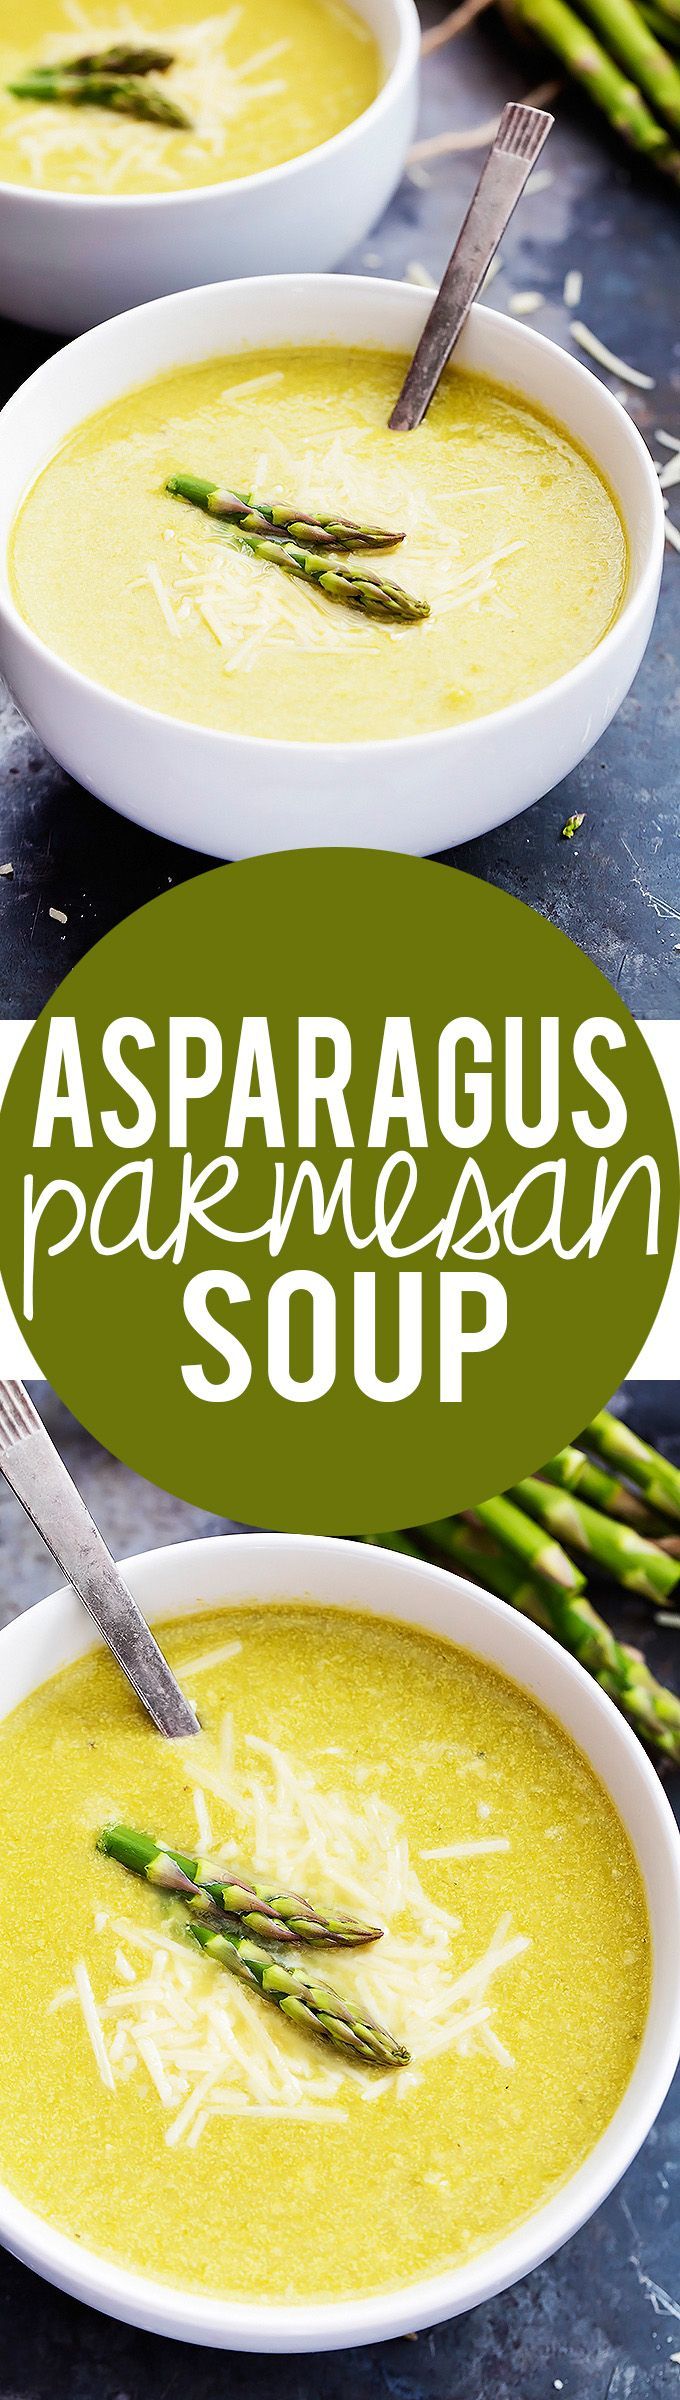 Asparagus Parmesan Soup